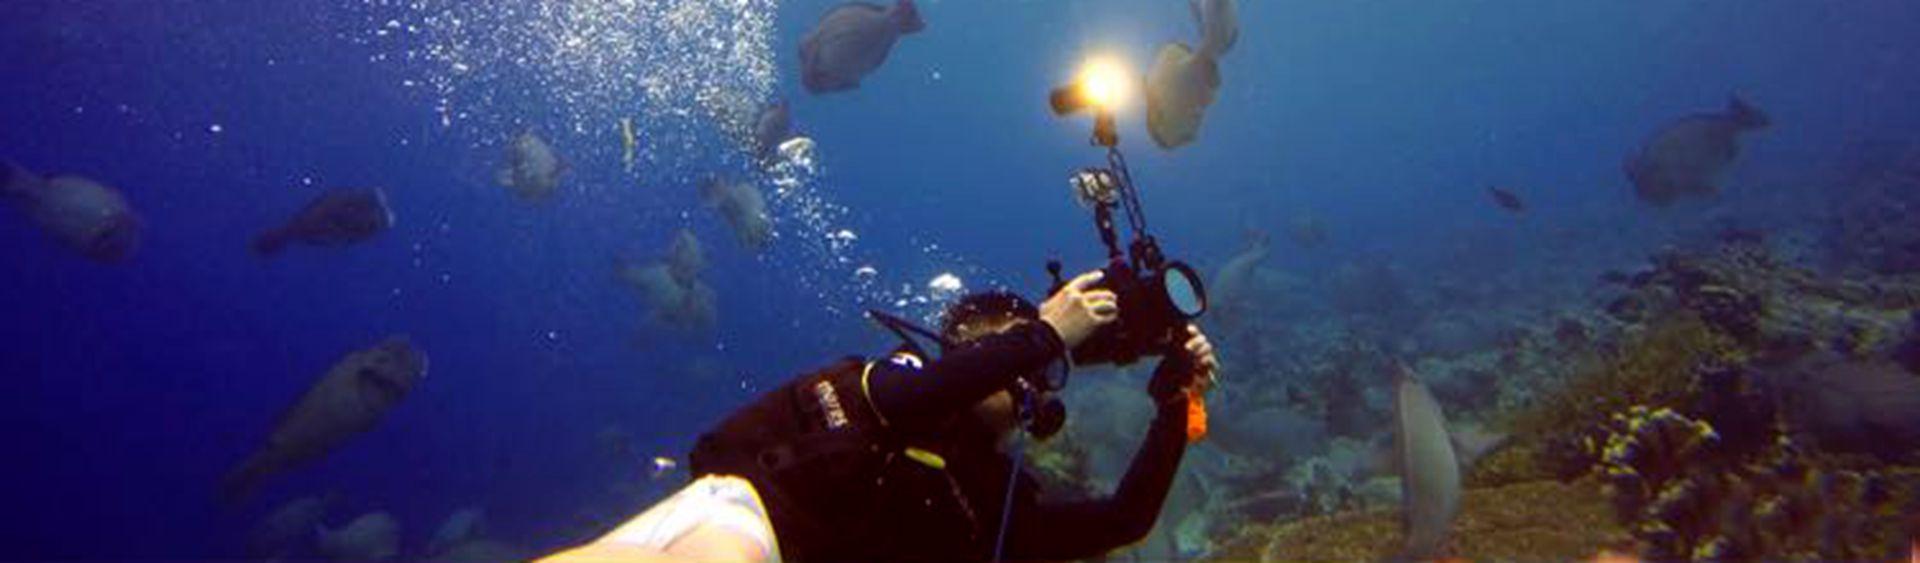 underwater test of lEOBEN DIVE VIDEO TORCHES_副本.jpg